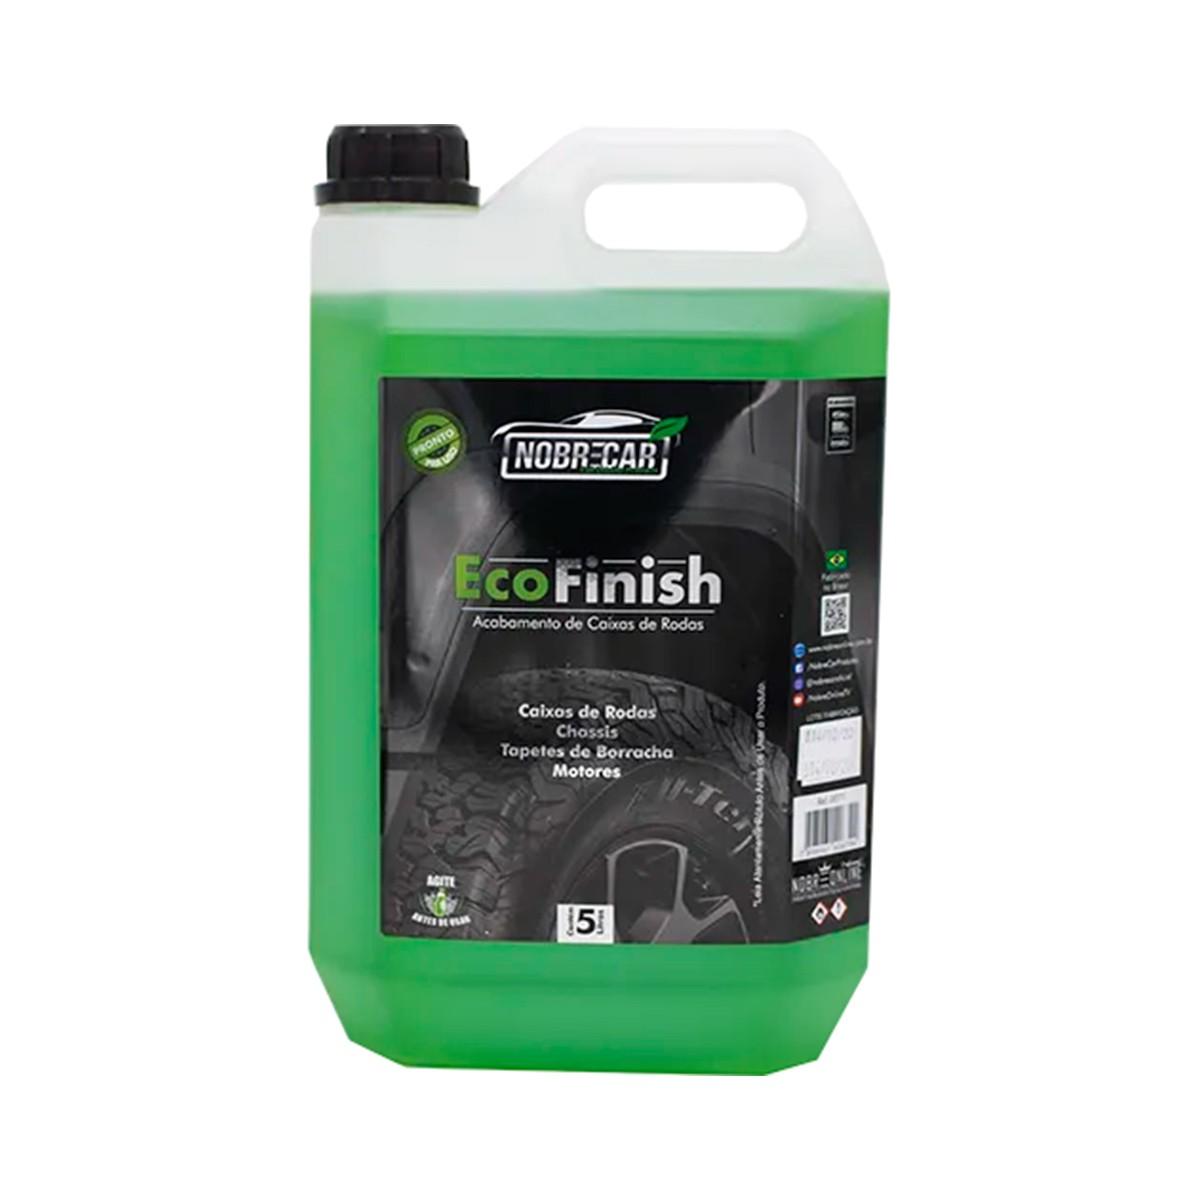 Eco Finish - Pós lavagem de Plásticos - Nobrecar